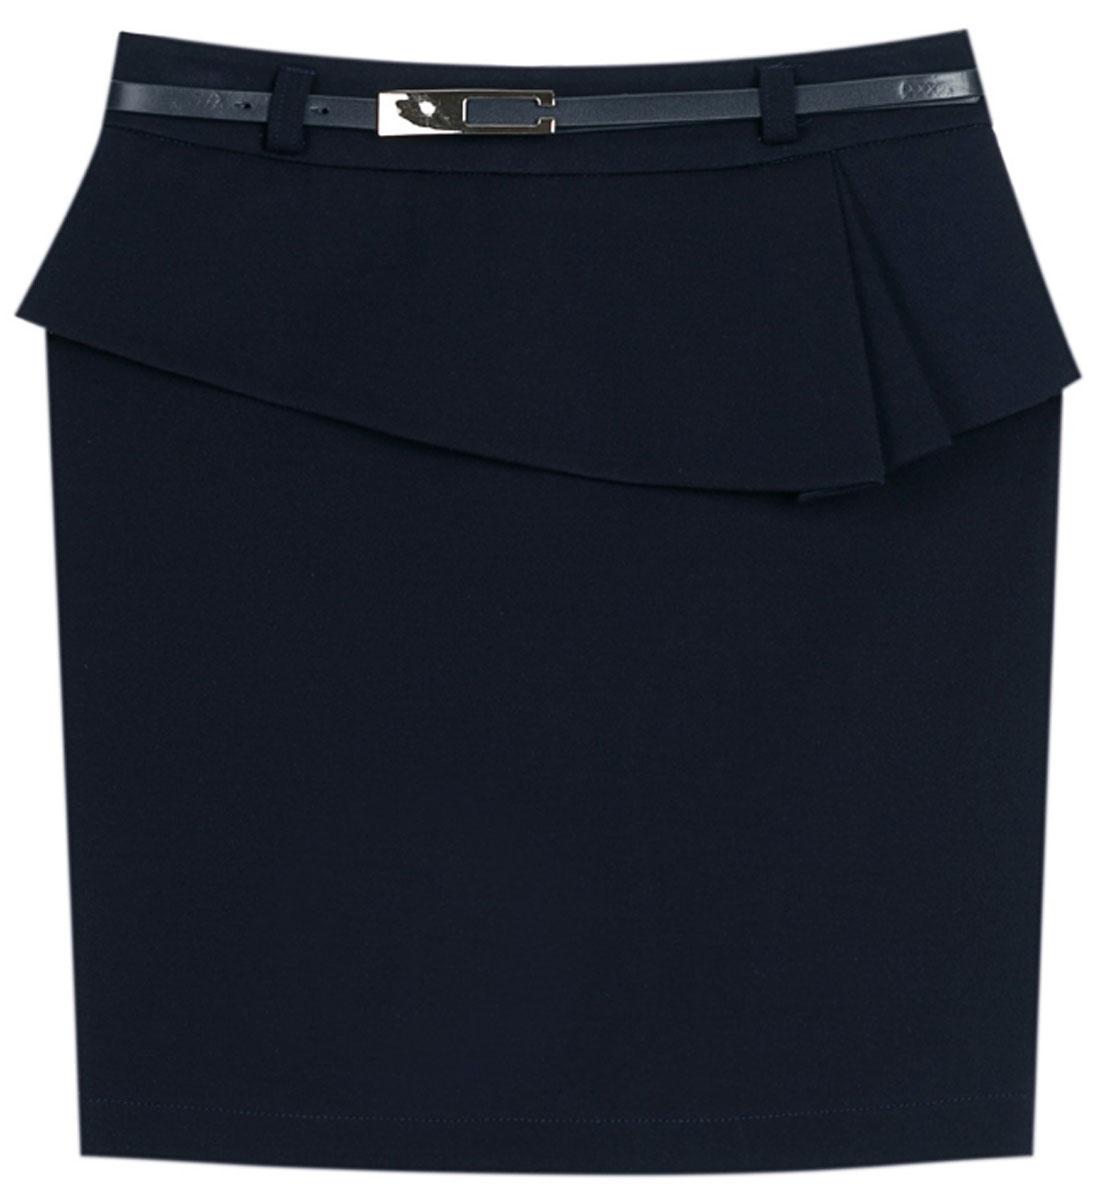 Юбка для девочки Vitacci, цвет: синий. 2173043L-04. Размер 1642173043L-04Стильная юбка для девочки от Vitacci выполнена из вискозы и нейлона с добавлением эластана. Модель дополнена ремешком и баской, застегивается на молнию.